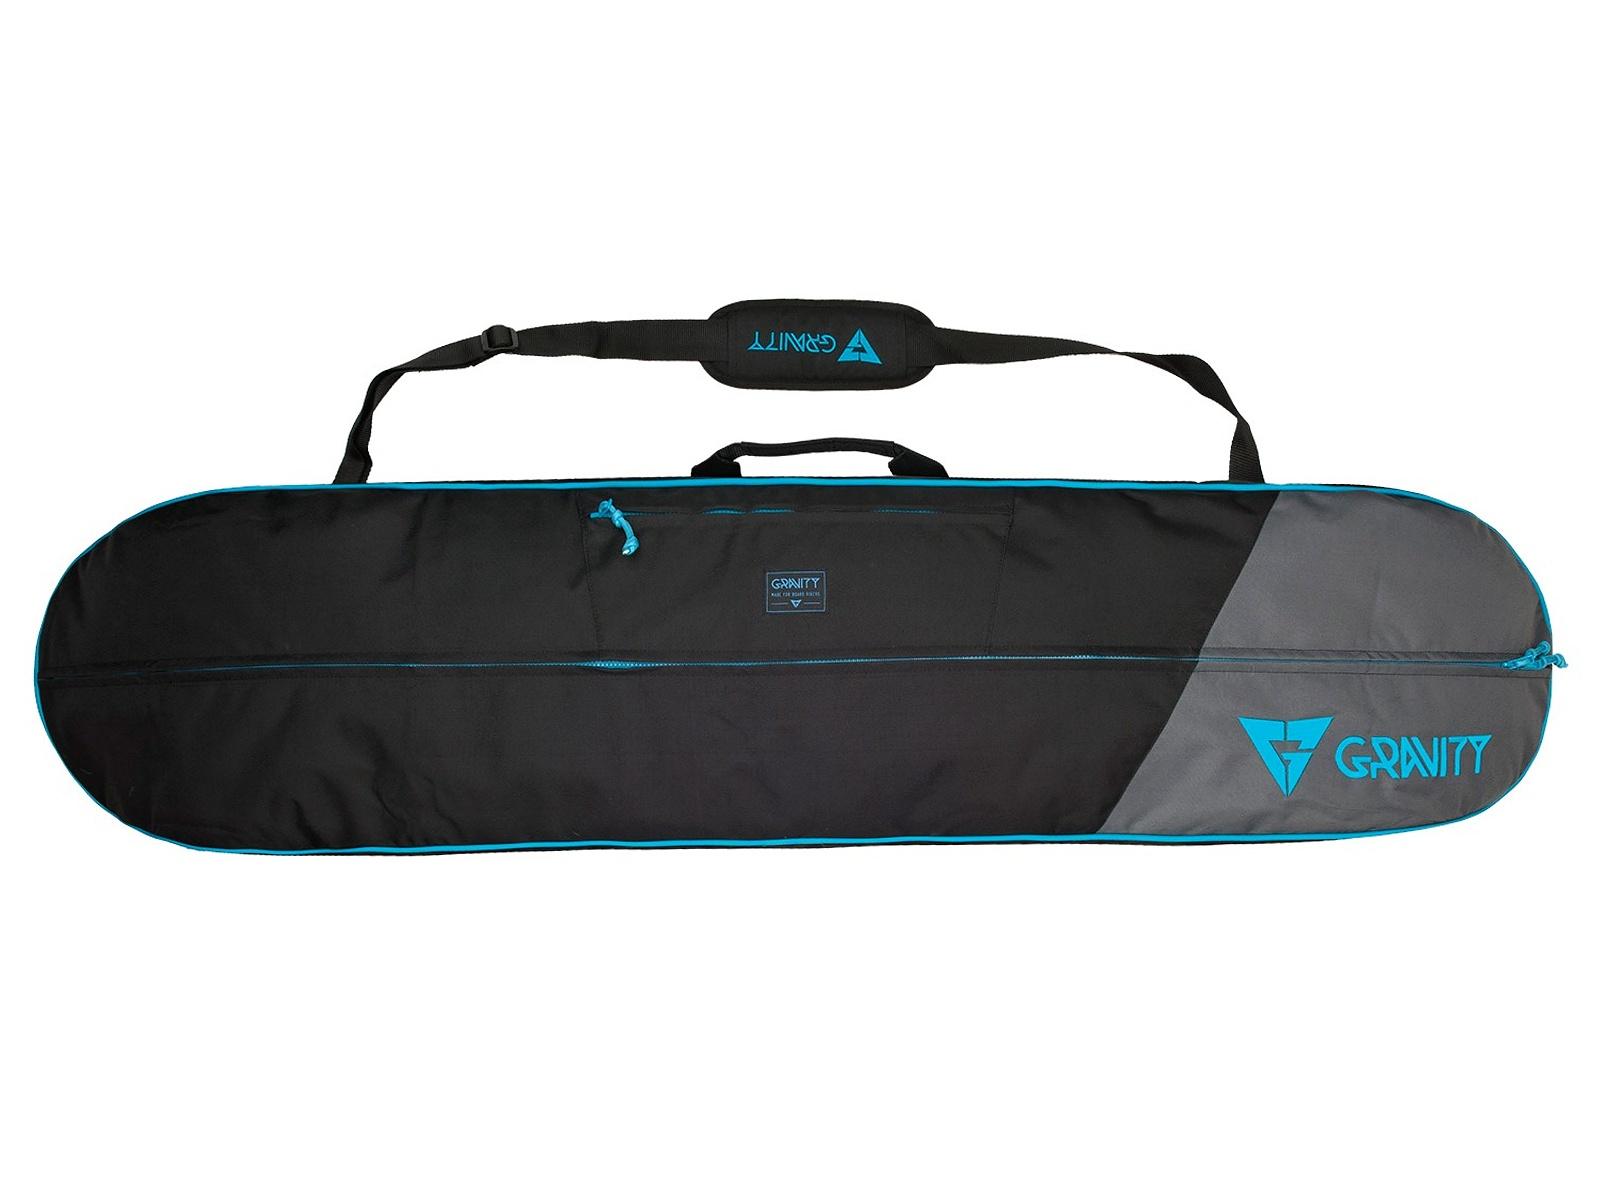 Obal na snowboard GRAVITY Icon černo-modrý - vel. 160 cm